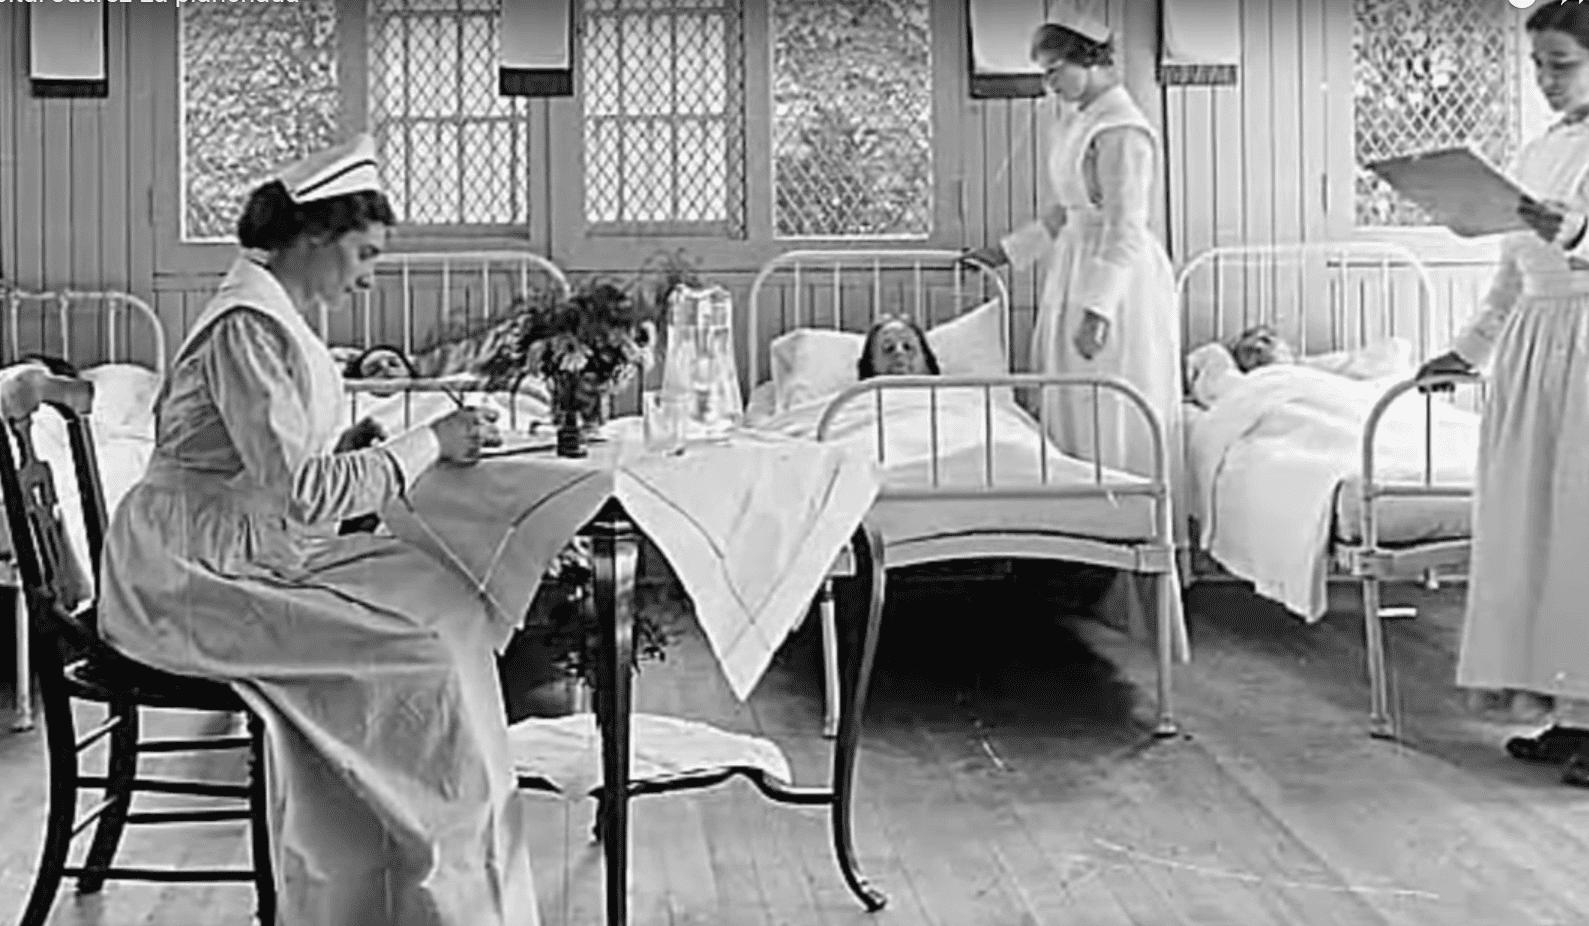 Pacientes en sus camas atendidos por varias enfermeras. | Imagen: YouTube/Etzen Espanto